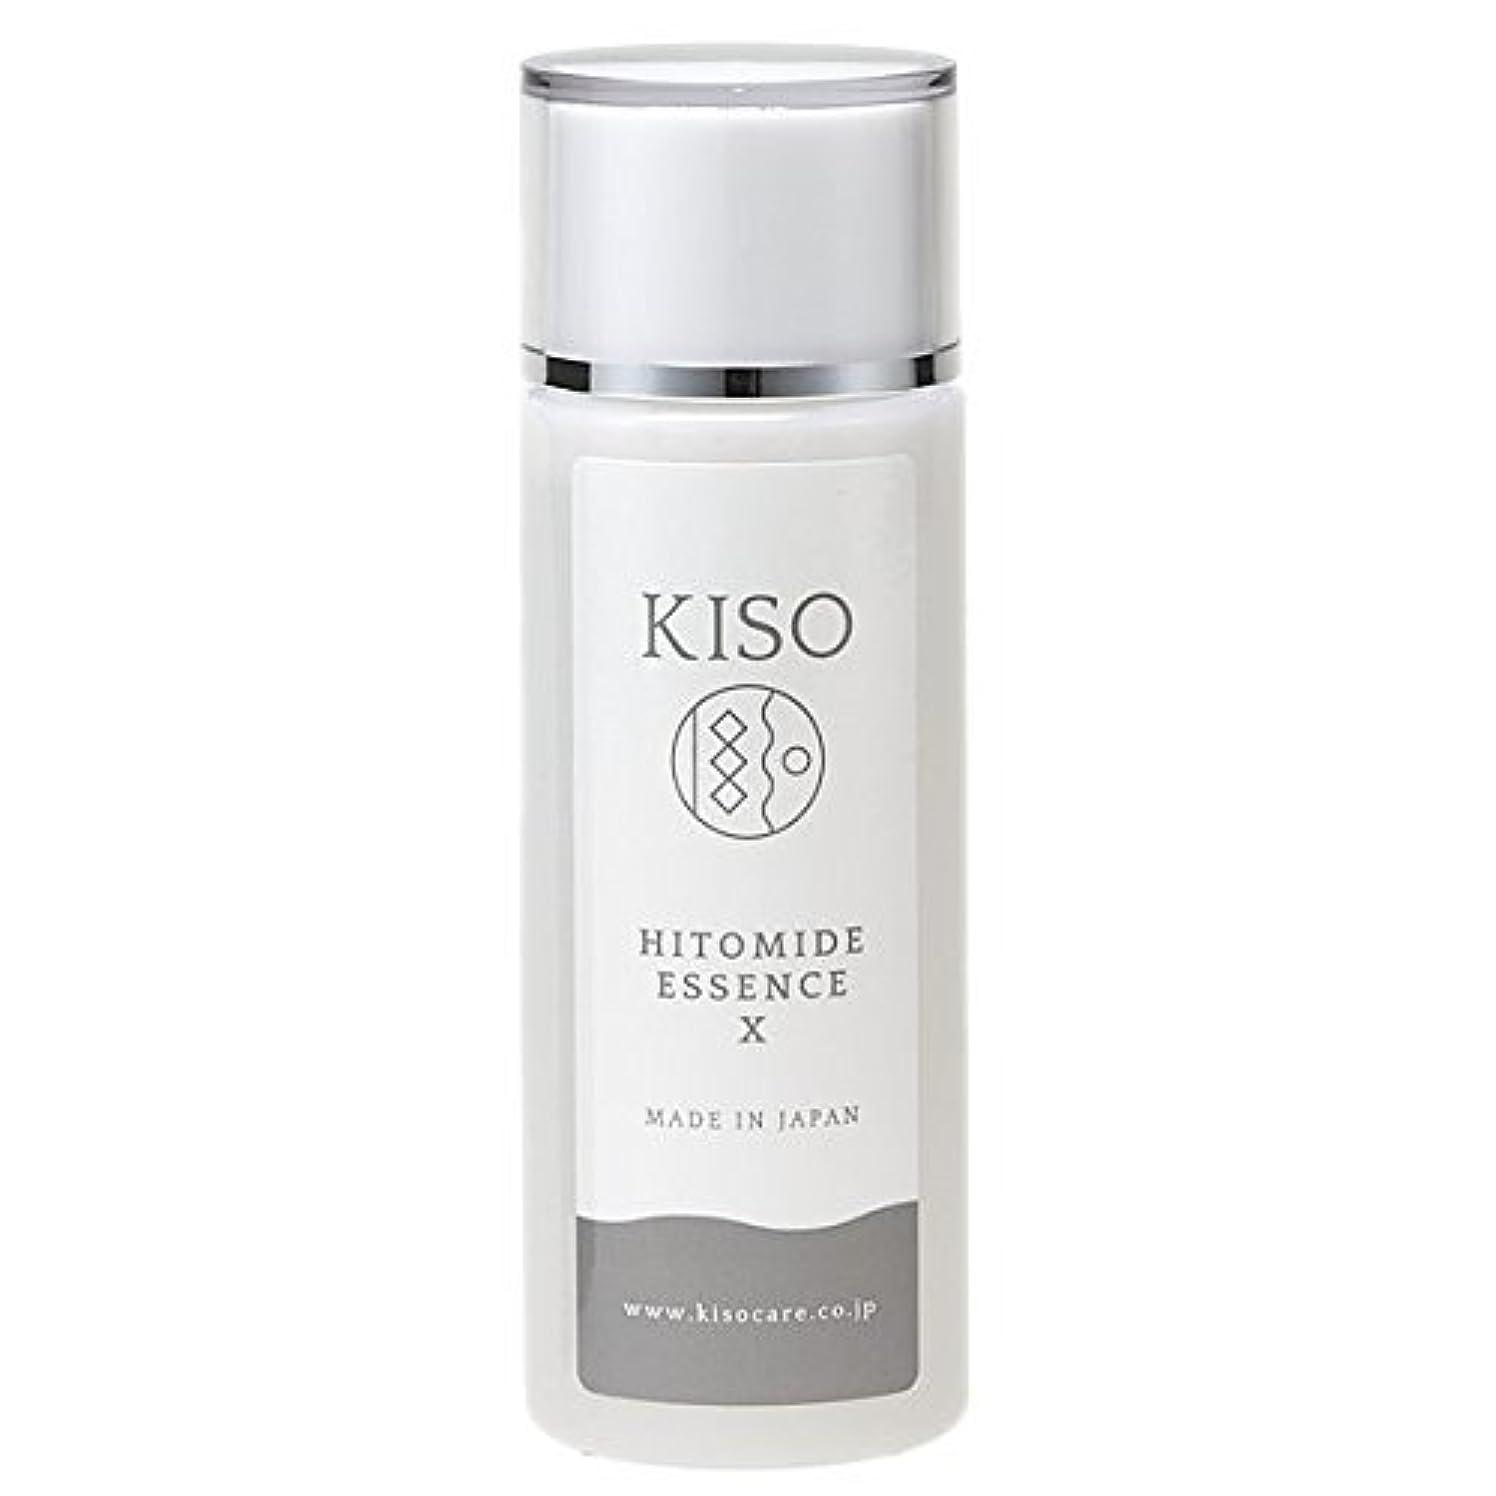 人道的オールただKISO ヒト型セラミド原液 10%配合 【ヒトミドエッセンスX 120ml】 保湿力アップ 肌荒れを防ぎキメを整えたい時に